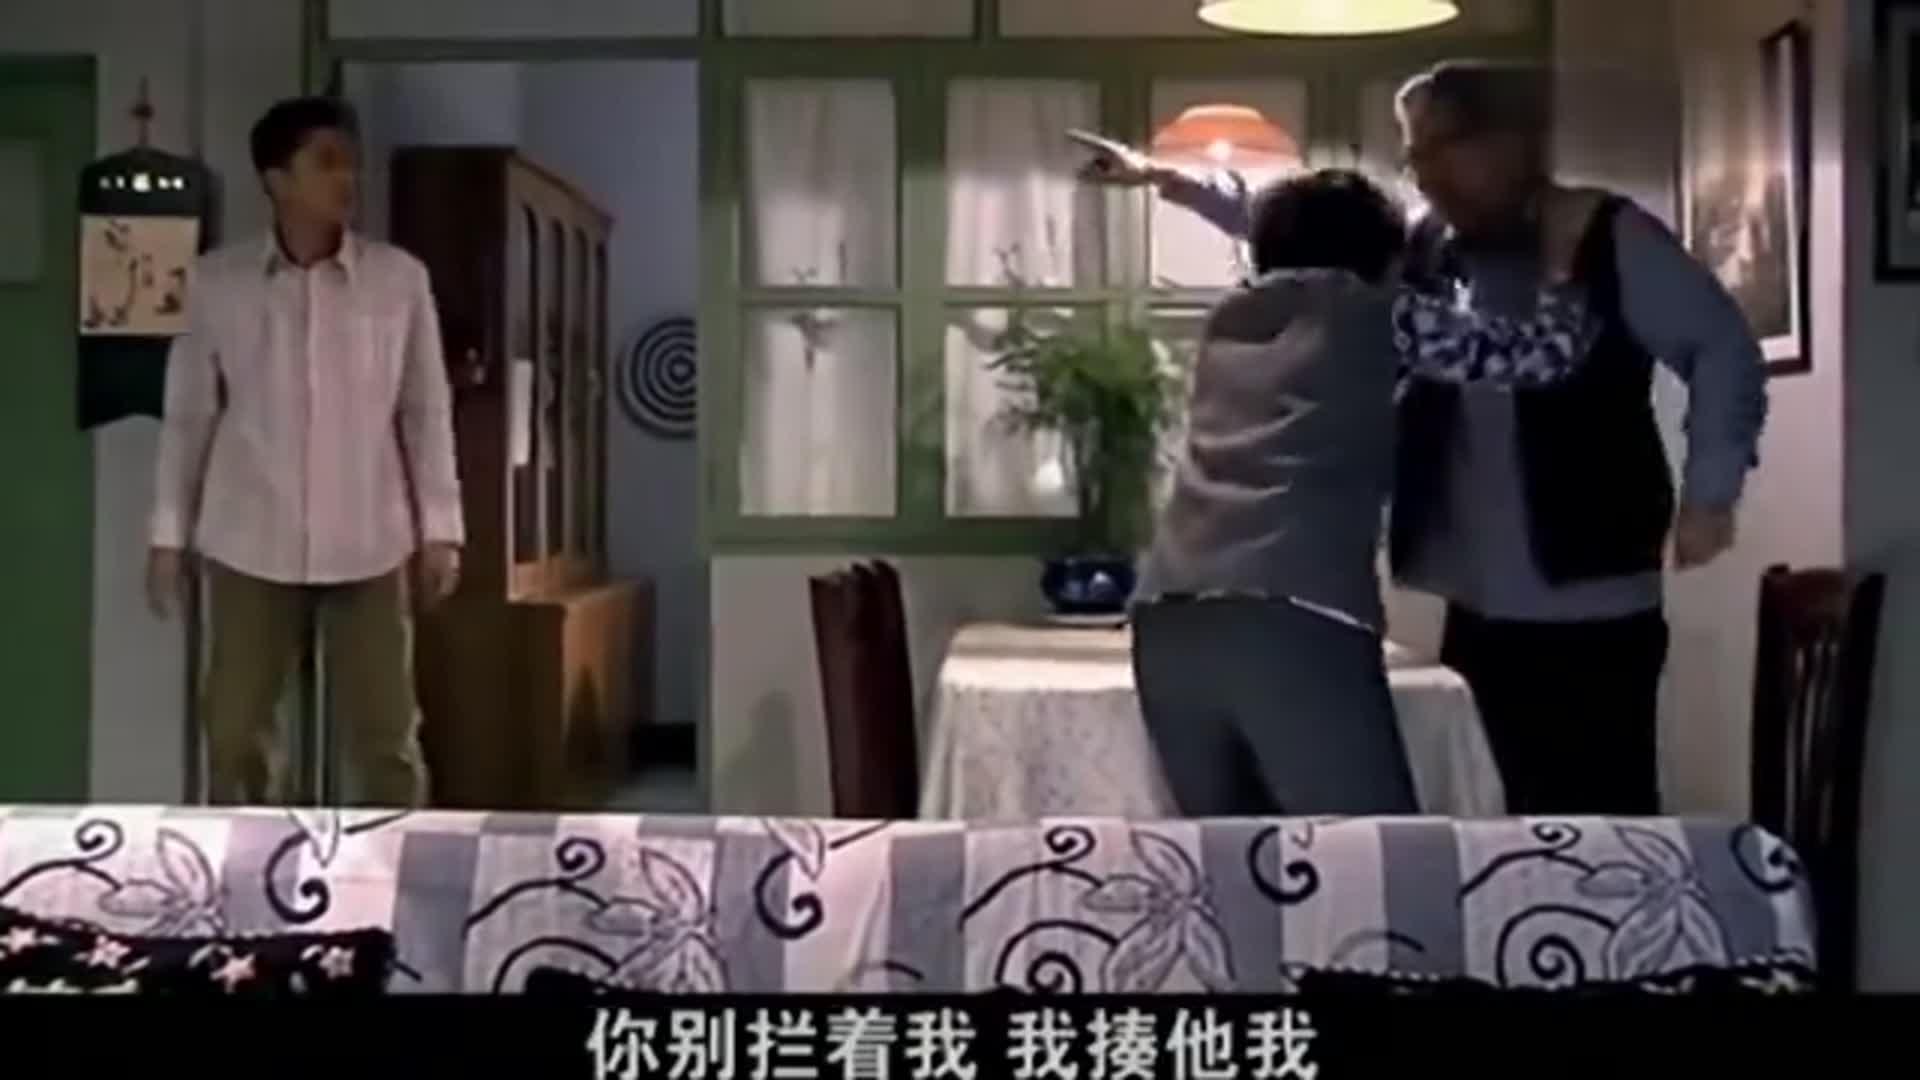 金婚:大宝在外搞出事来了,还不想负责任,文丽为了儿子能豁命